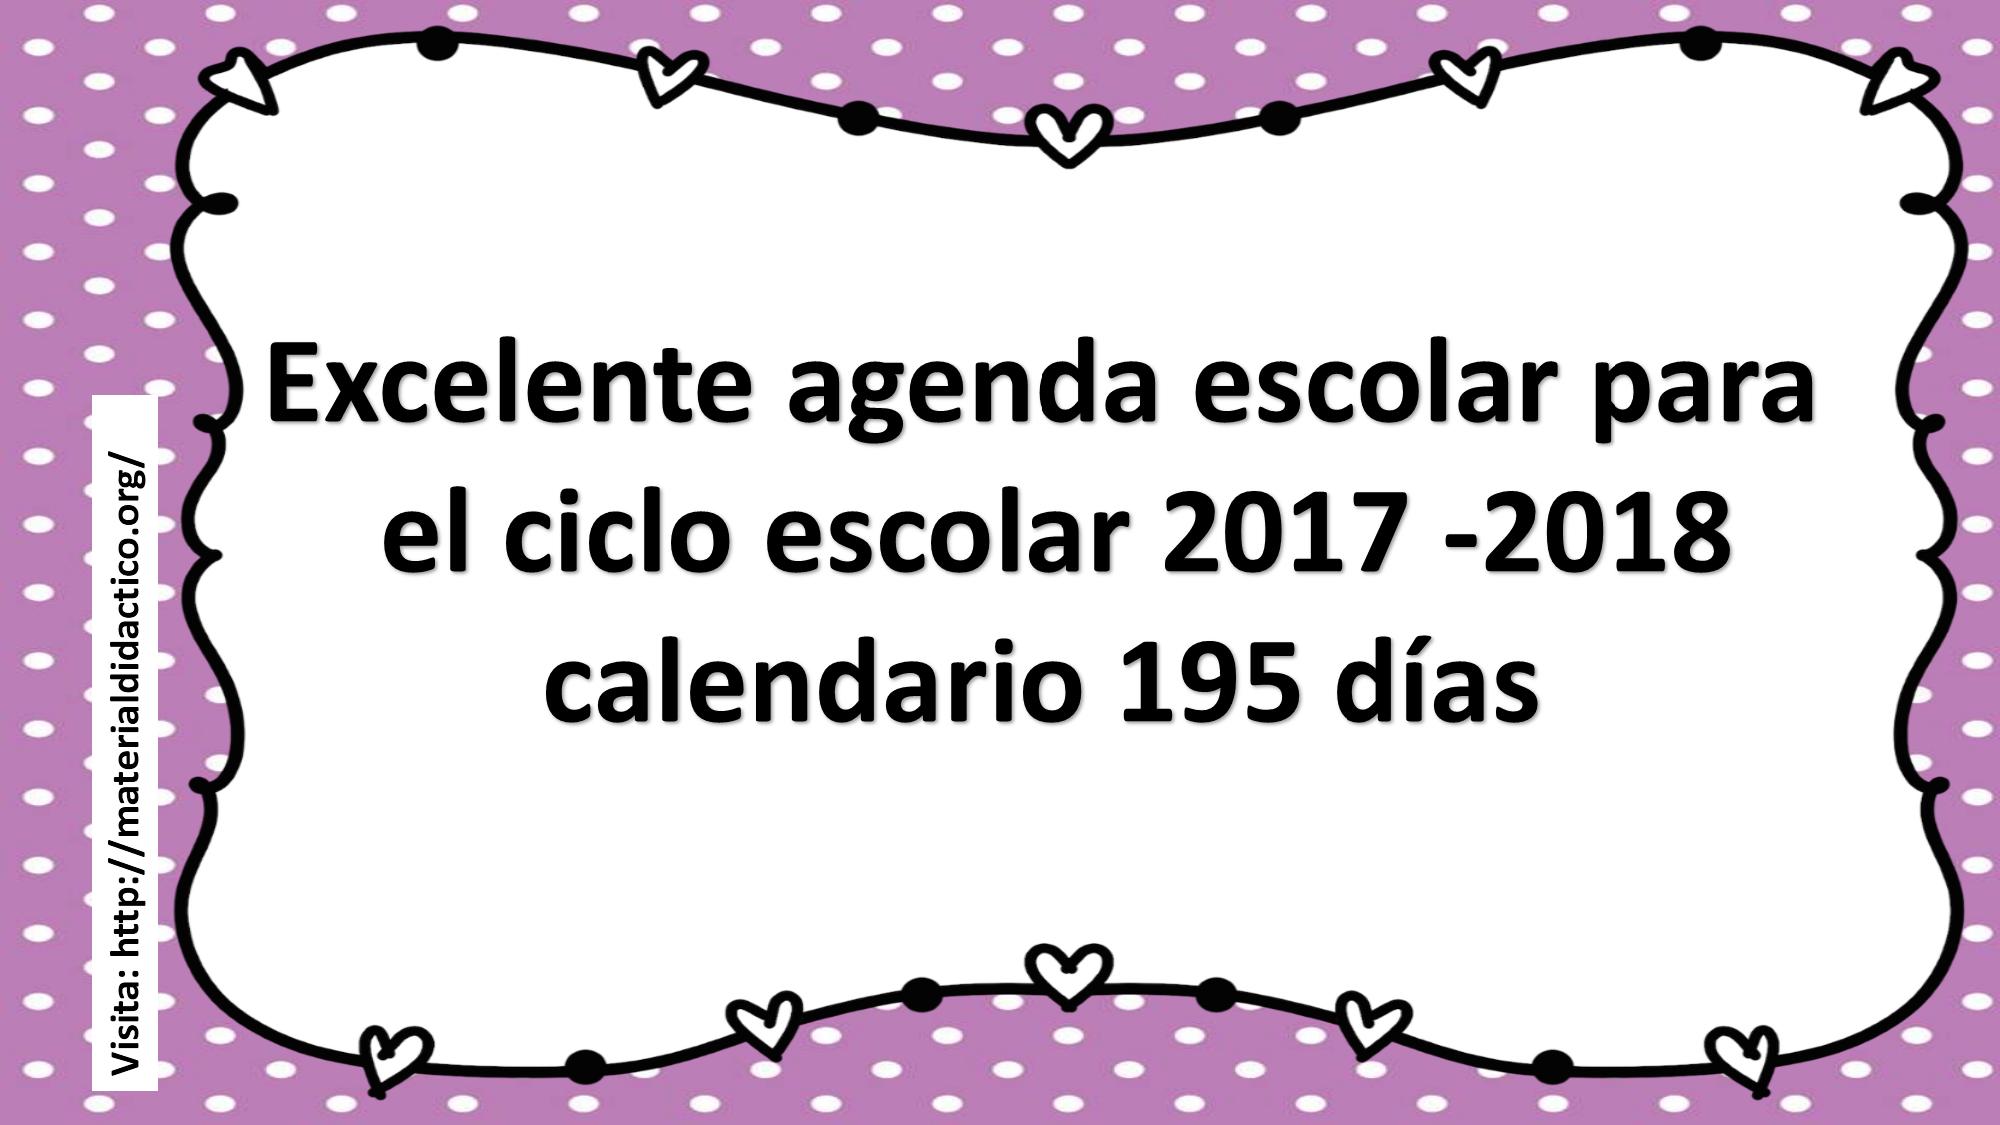 Excelente agenda escolar para el ciclo escolar 2017 -2018 calendario ...